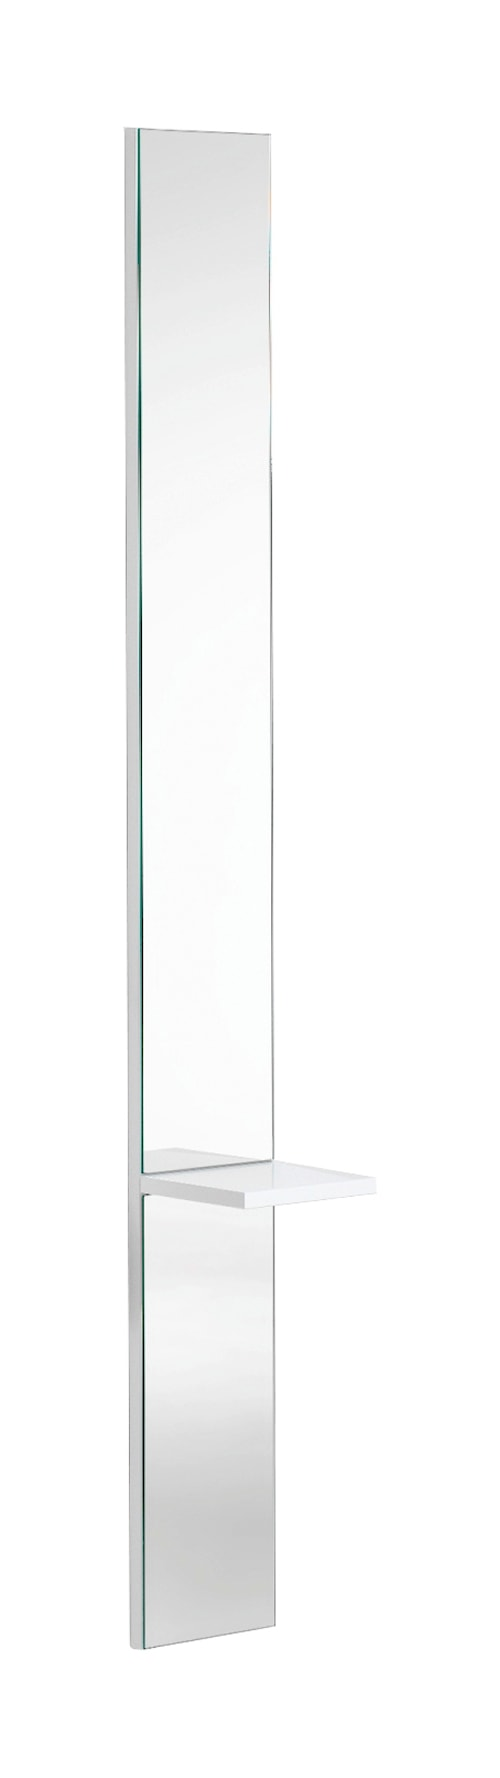 Spegel fanerad